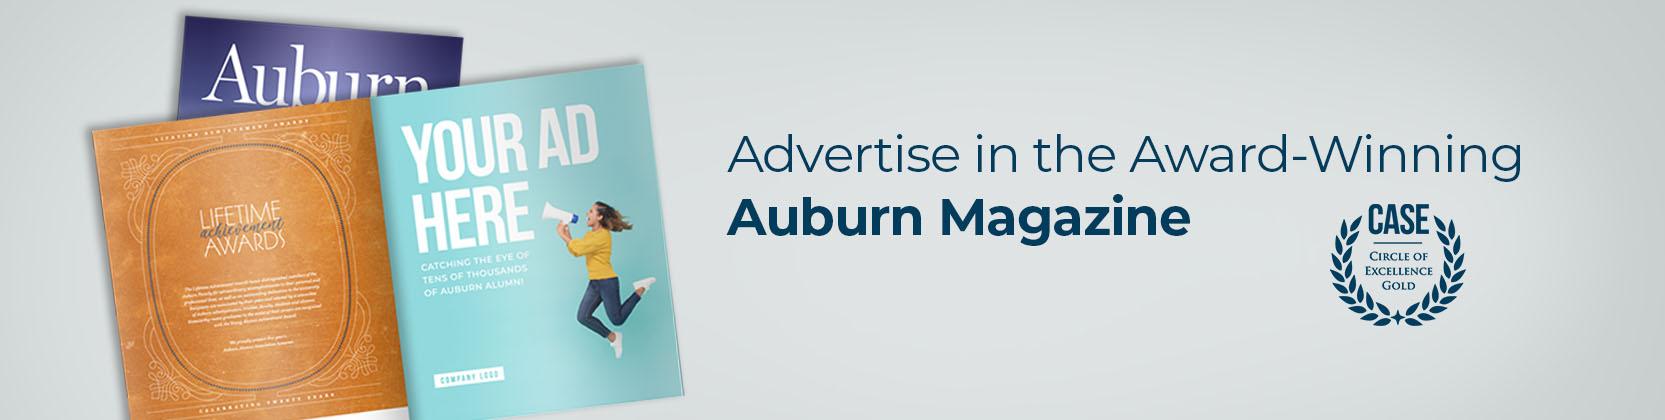 advertise with Auburn magazine